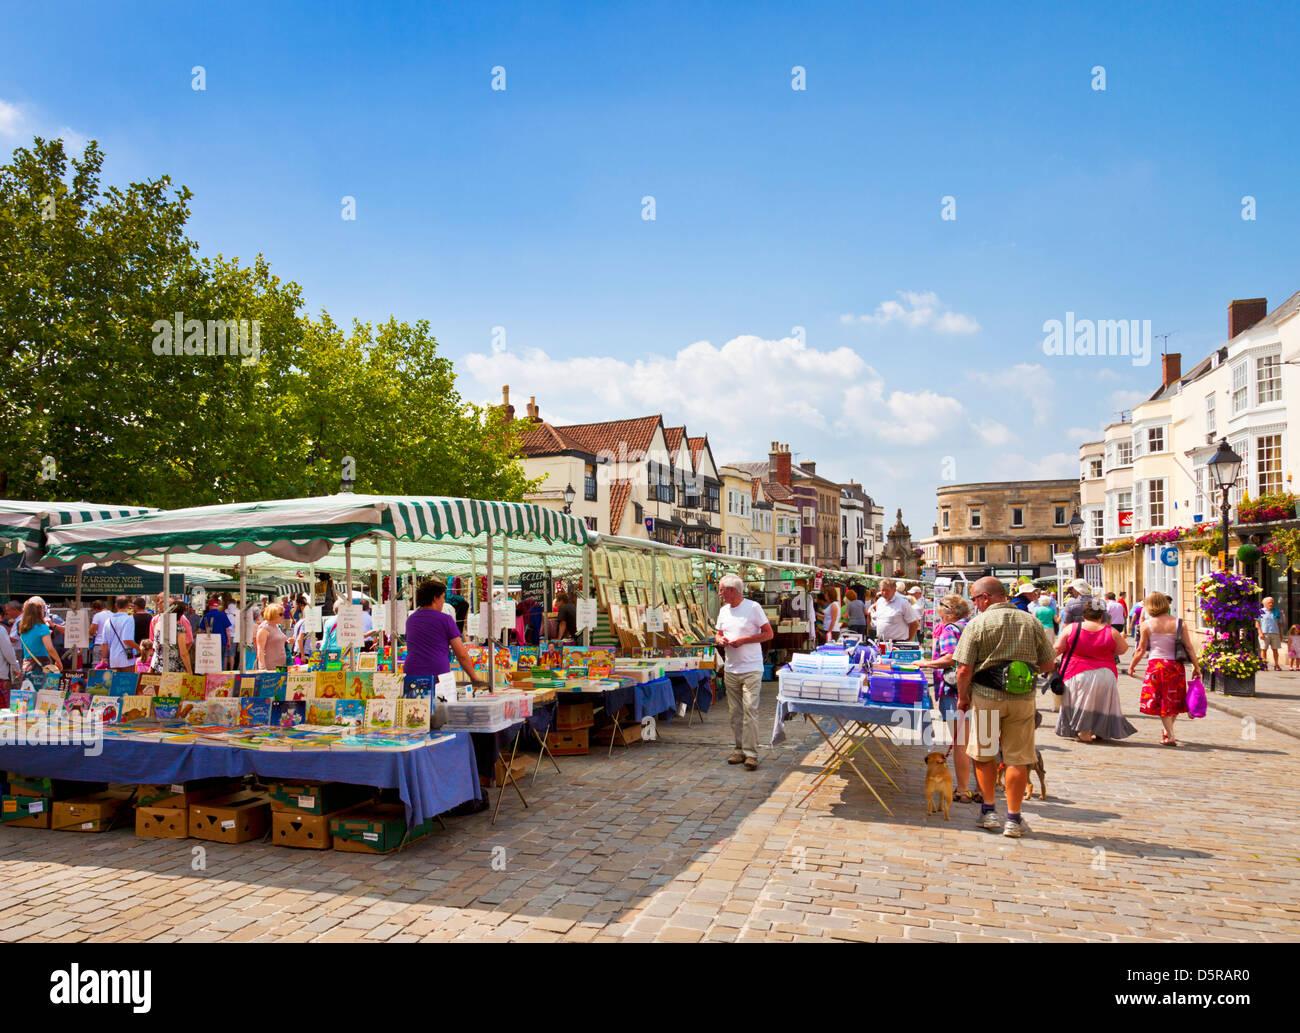 Les étals du marché traditionnel dans les puits city market place Somerset England UK GB Angleterre de l'UNION EUROPÉENNE Banque D'Images